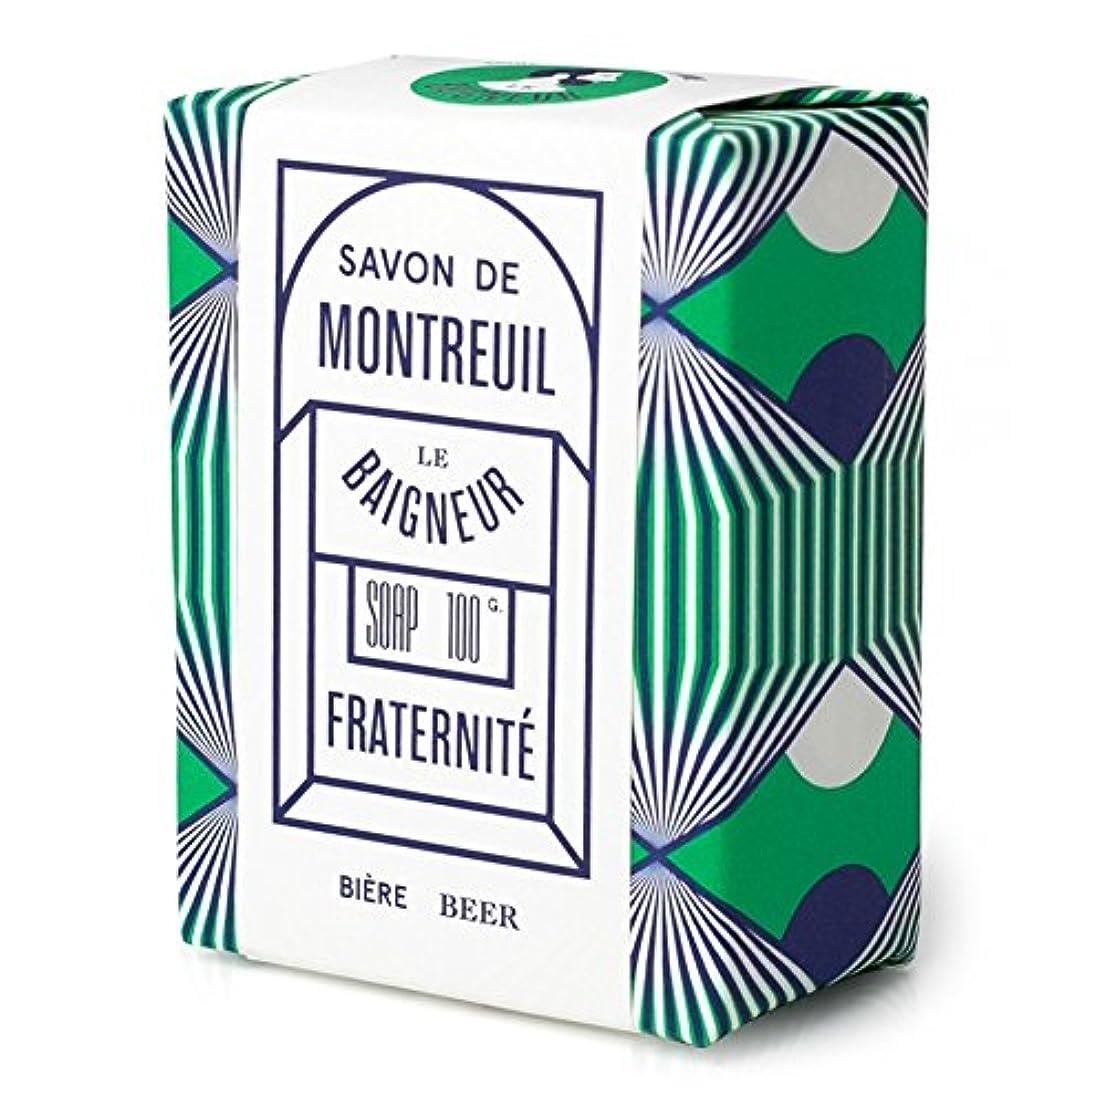 バット損なう外交ル 石鹸100グラム x2 - Le Baigneur Fraternite Soap 100g (Pack of 2) [並行輸入品]